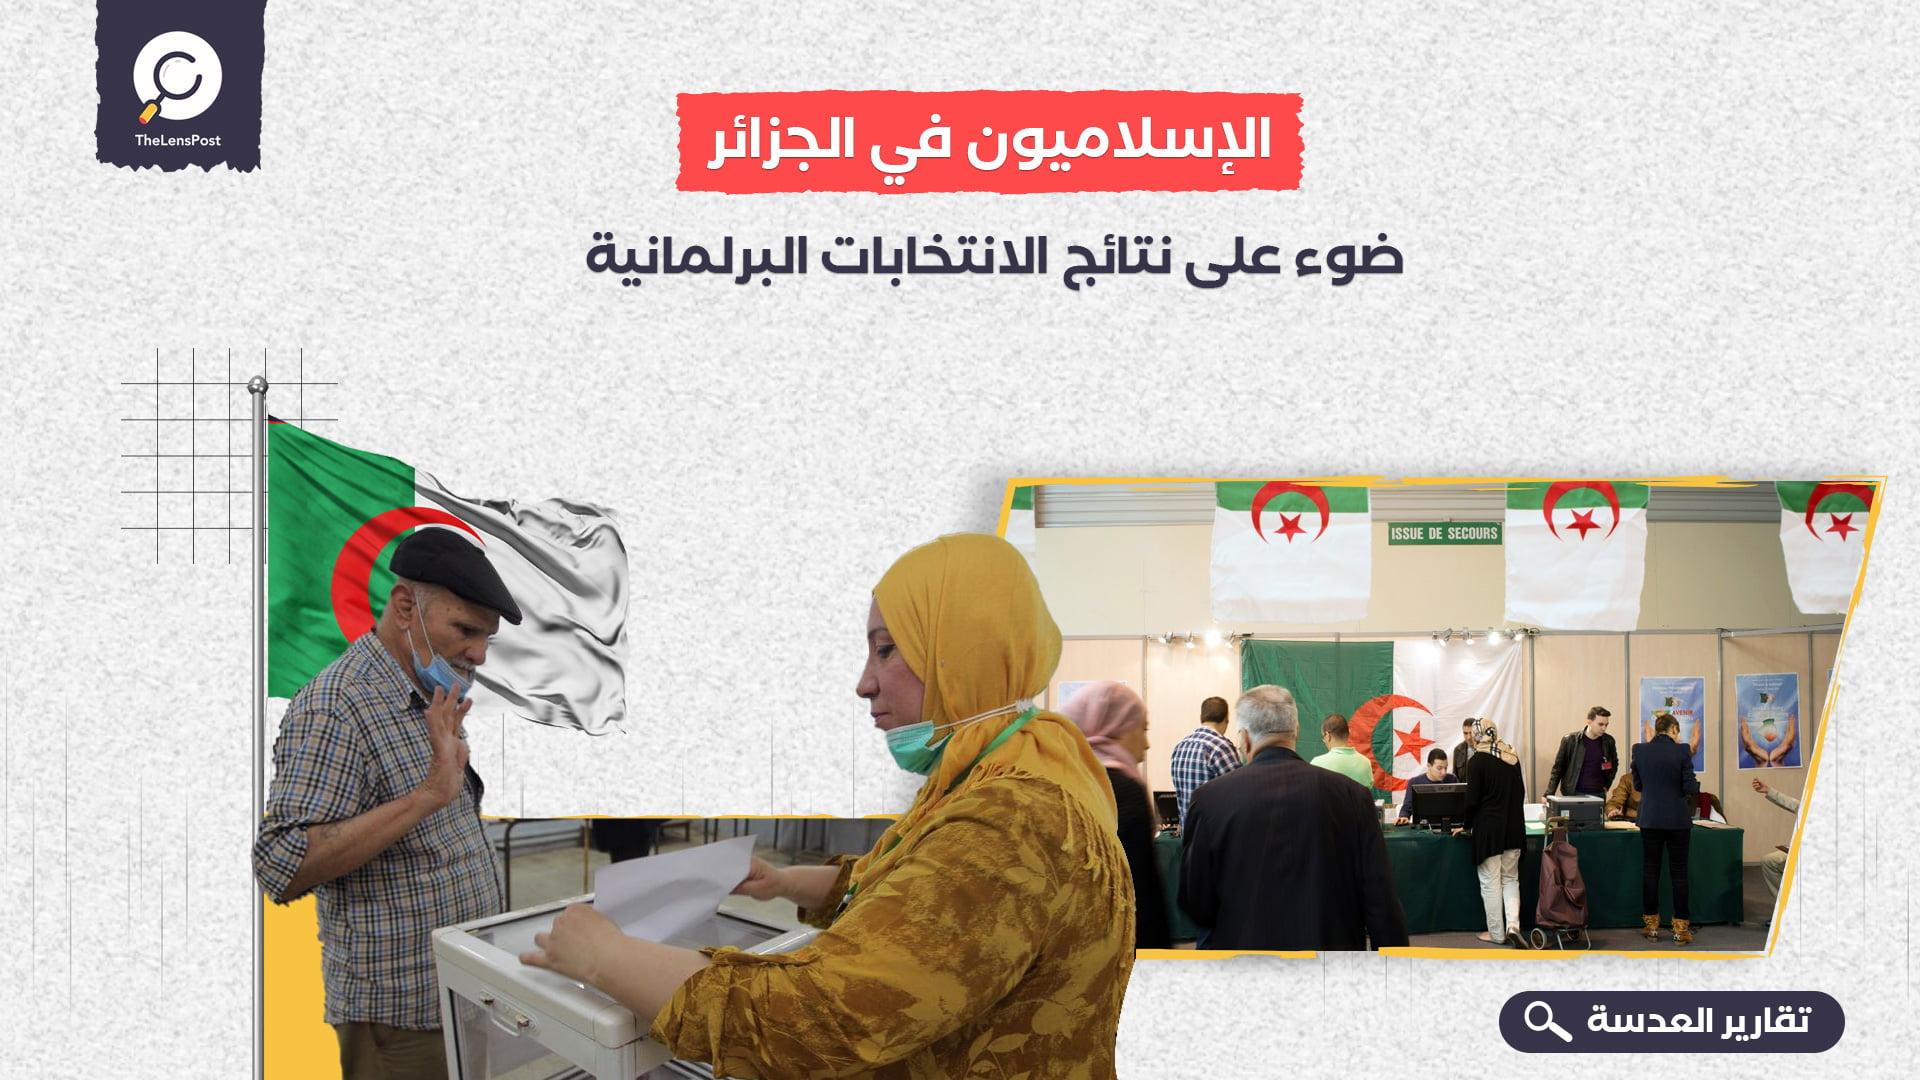 الإسلاميون في الجزائر.. ضوء على نتائج الانتخابات البرلمانية